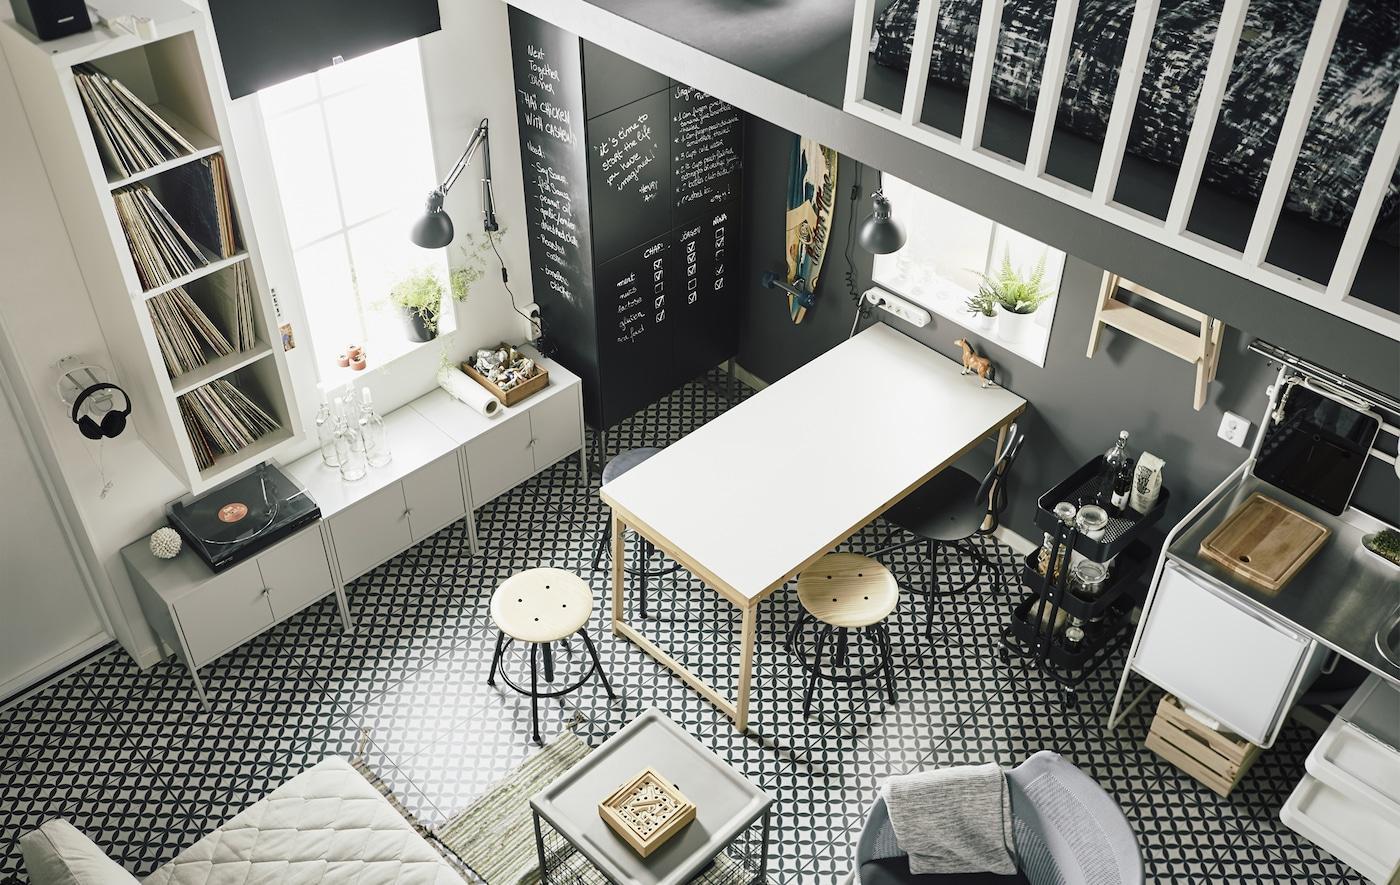 Platzsparende Multifunktionale Möbel Für Kleine Räume